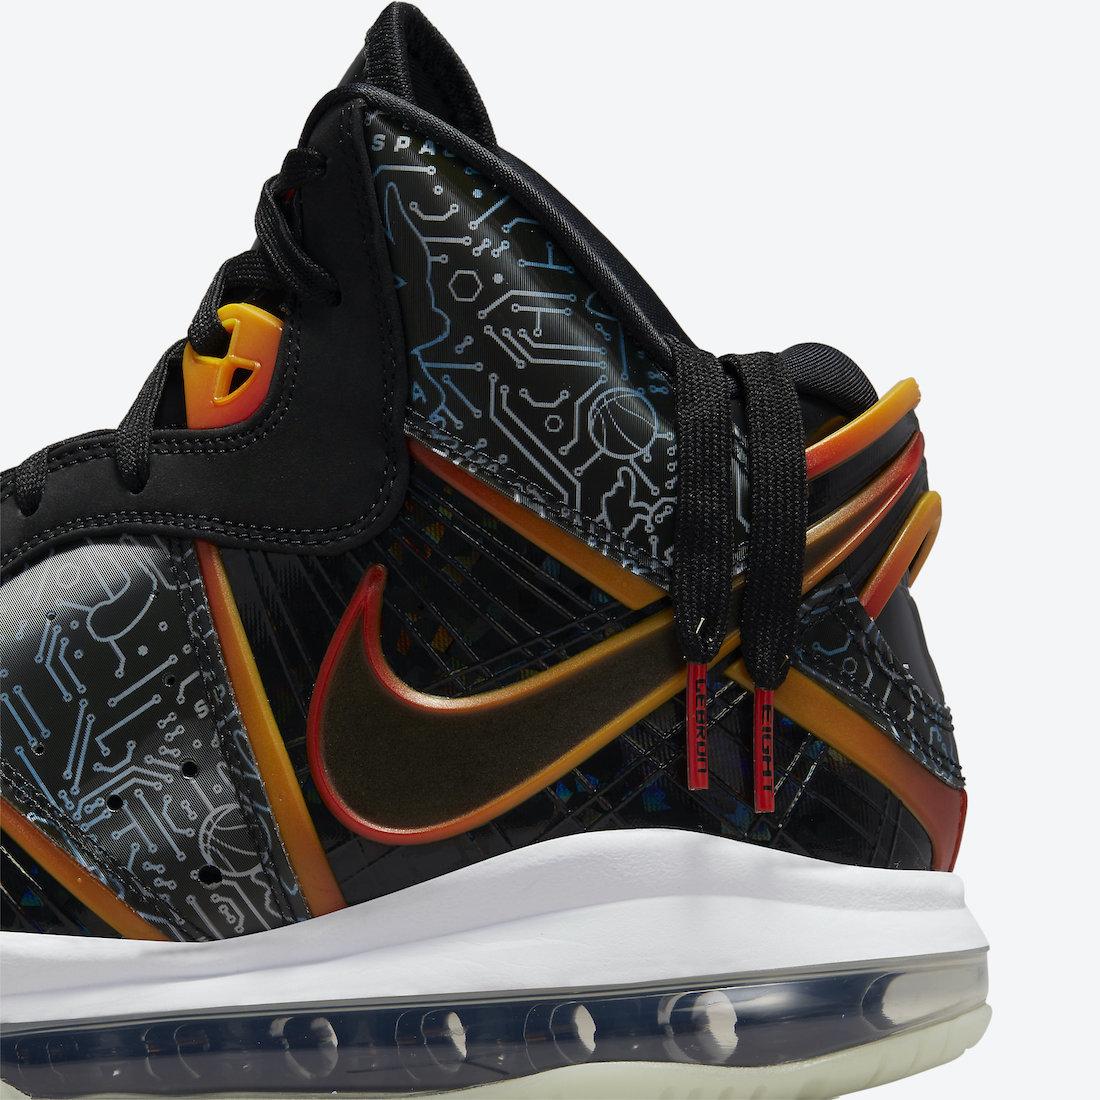 The Nike LeBron 8